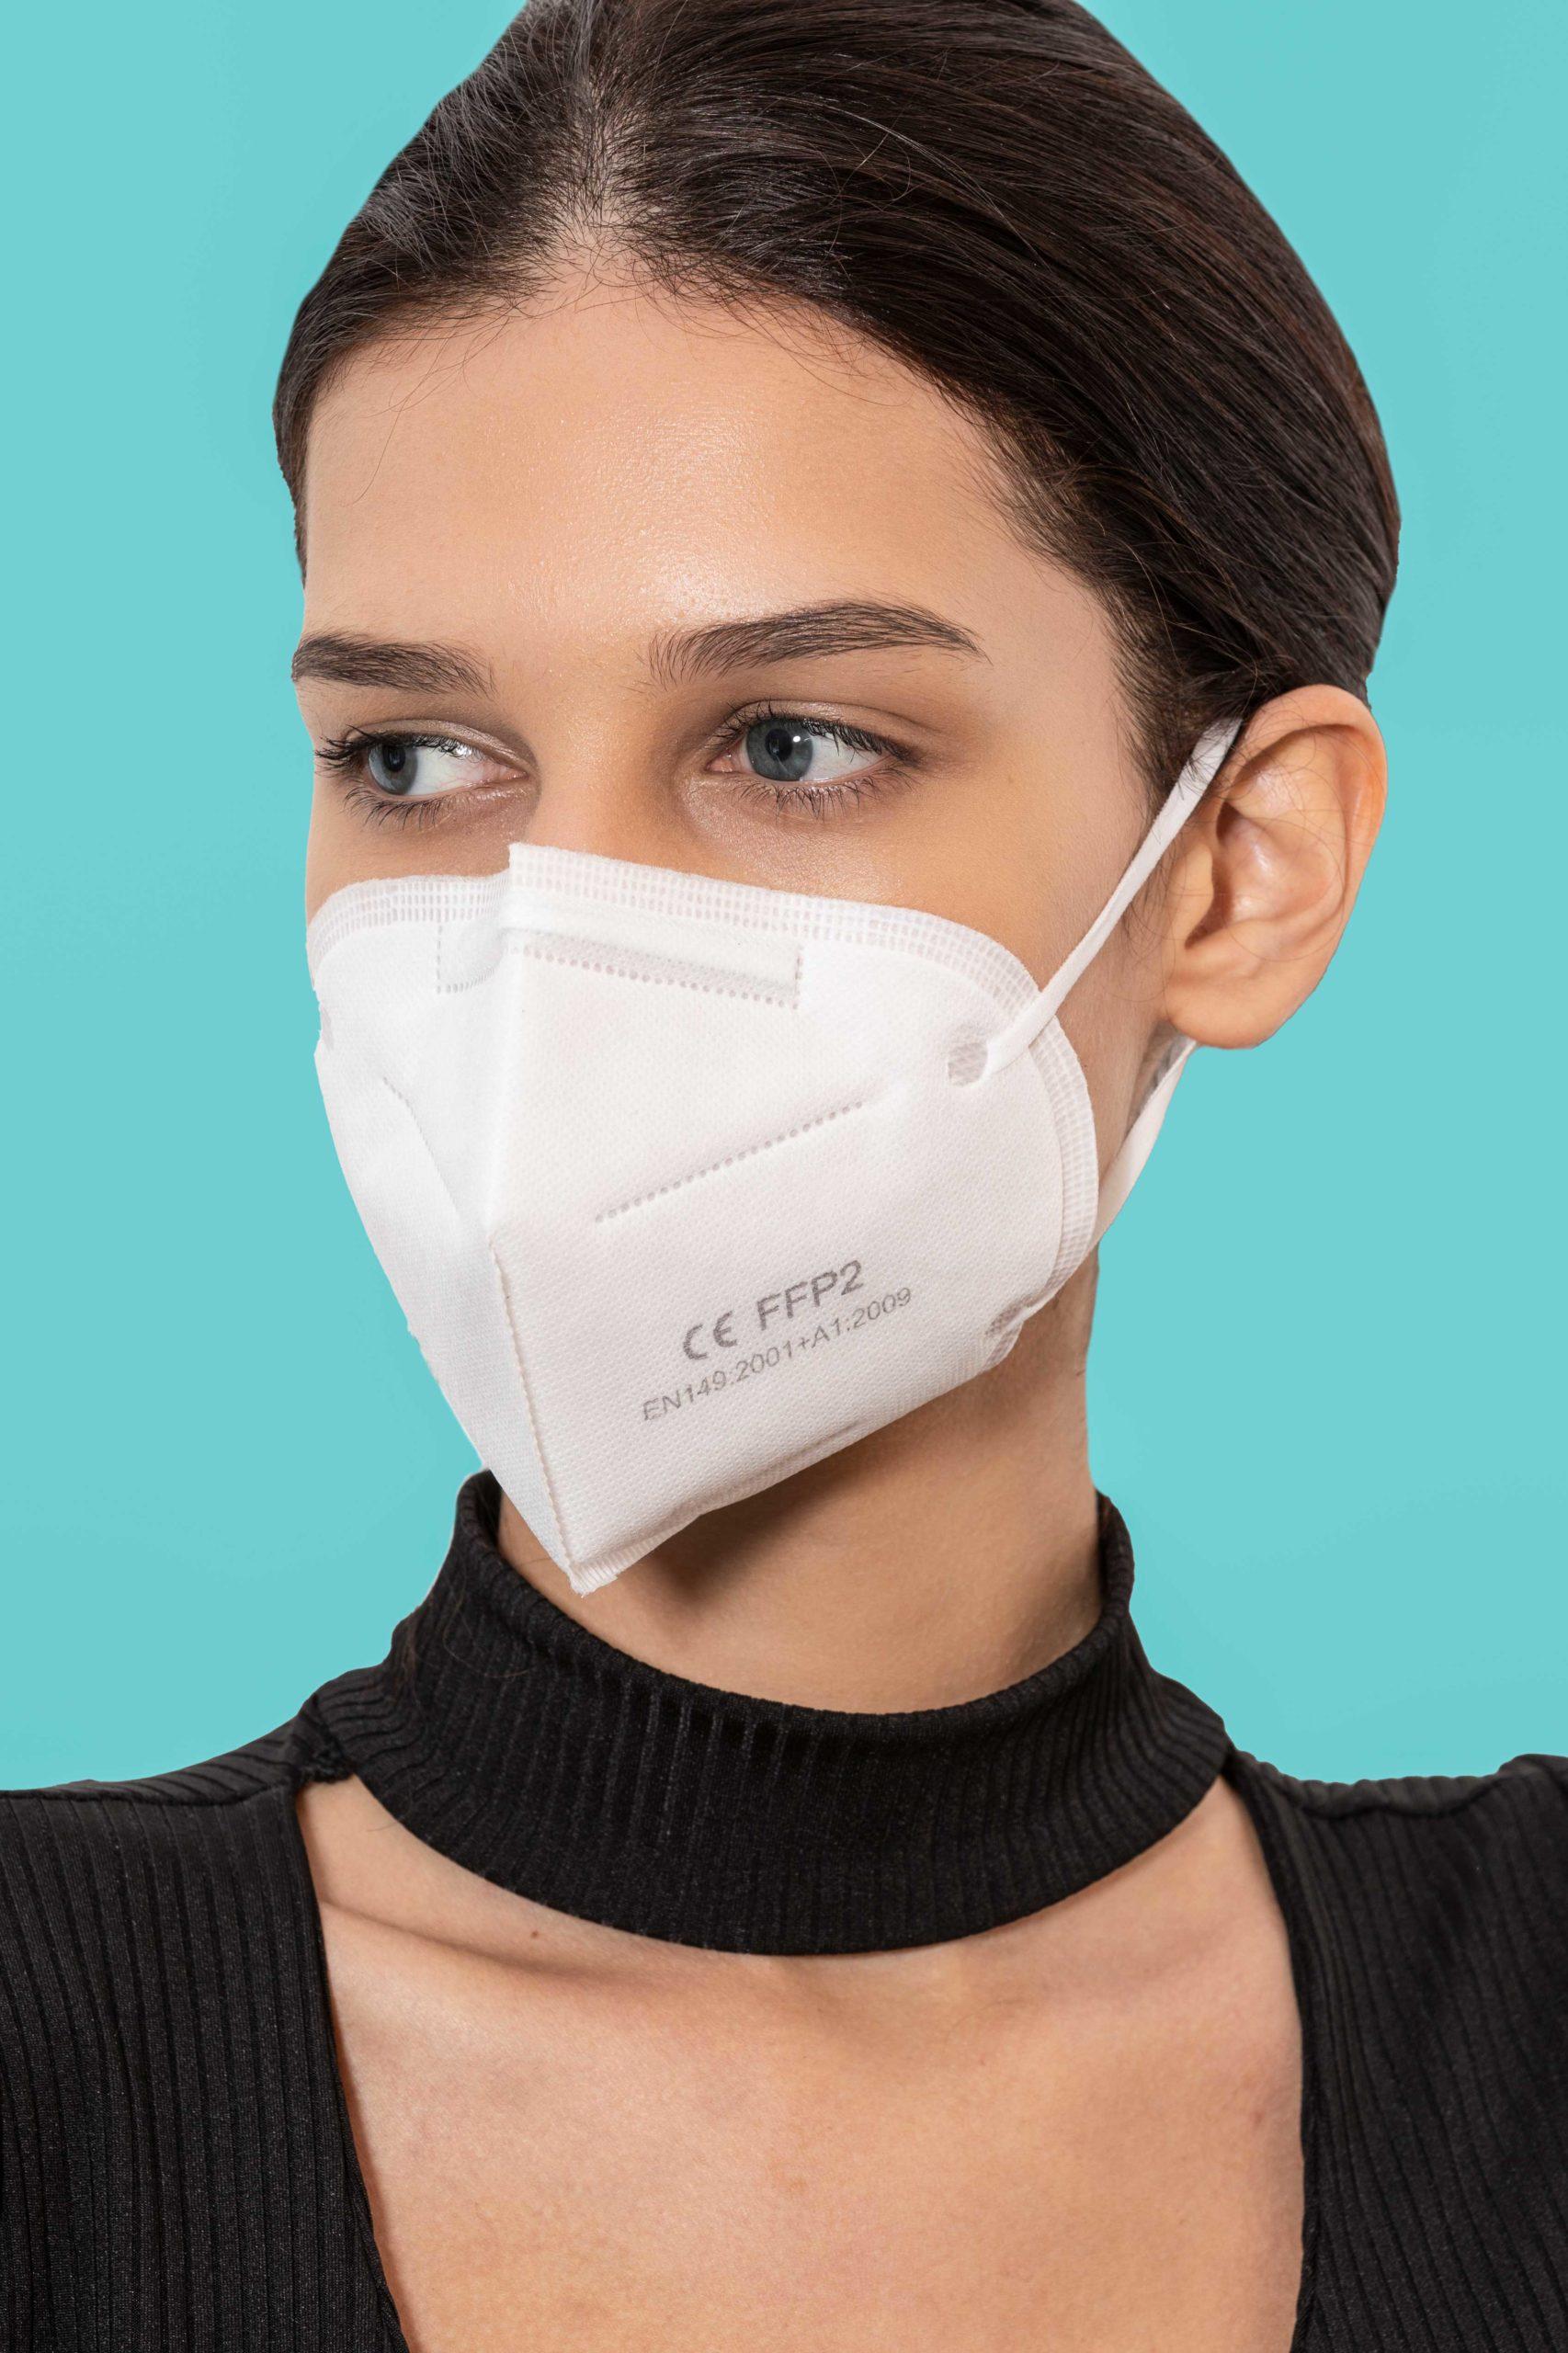 modella che indossa mascherina protettiva FFP2 di ItalSalus